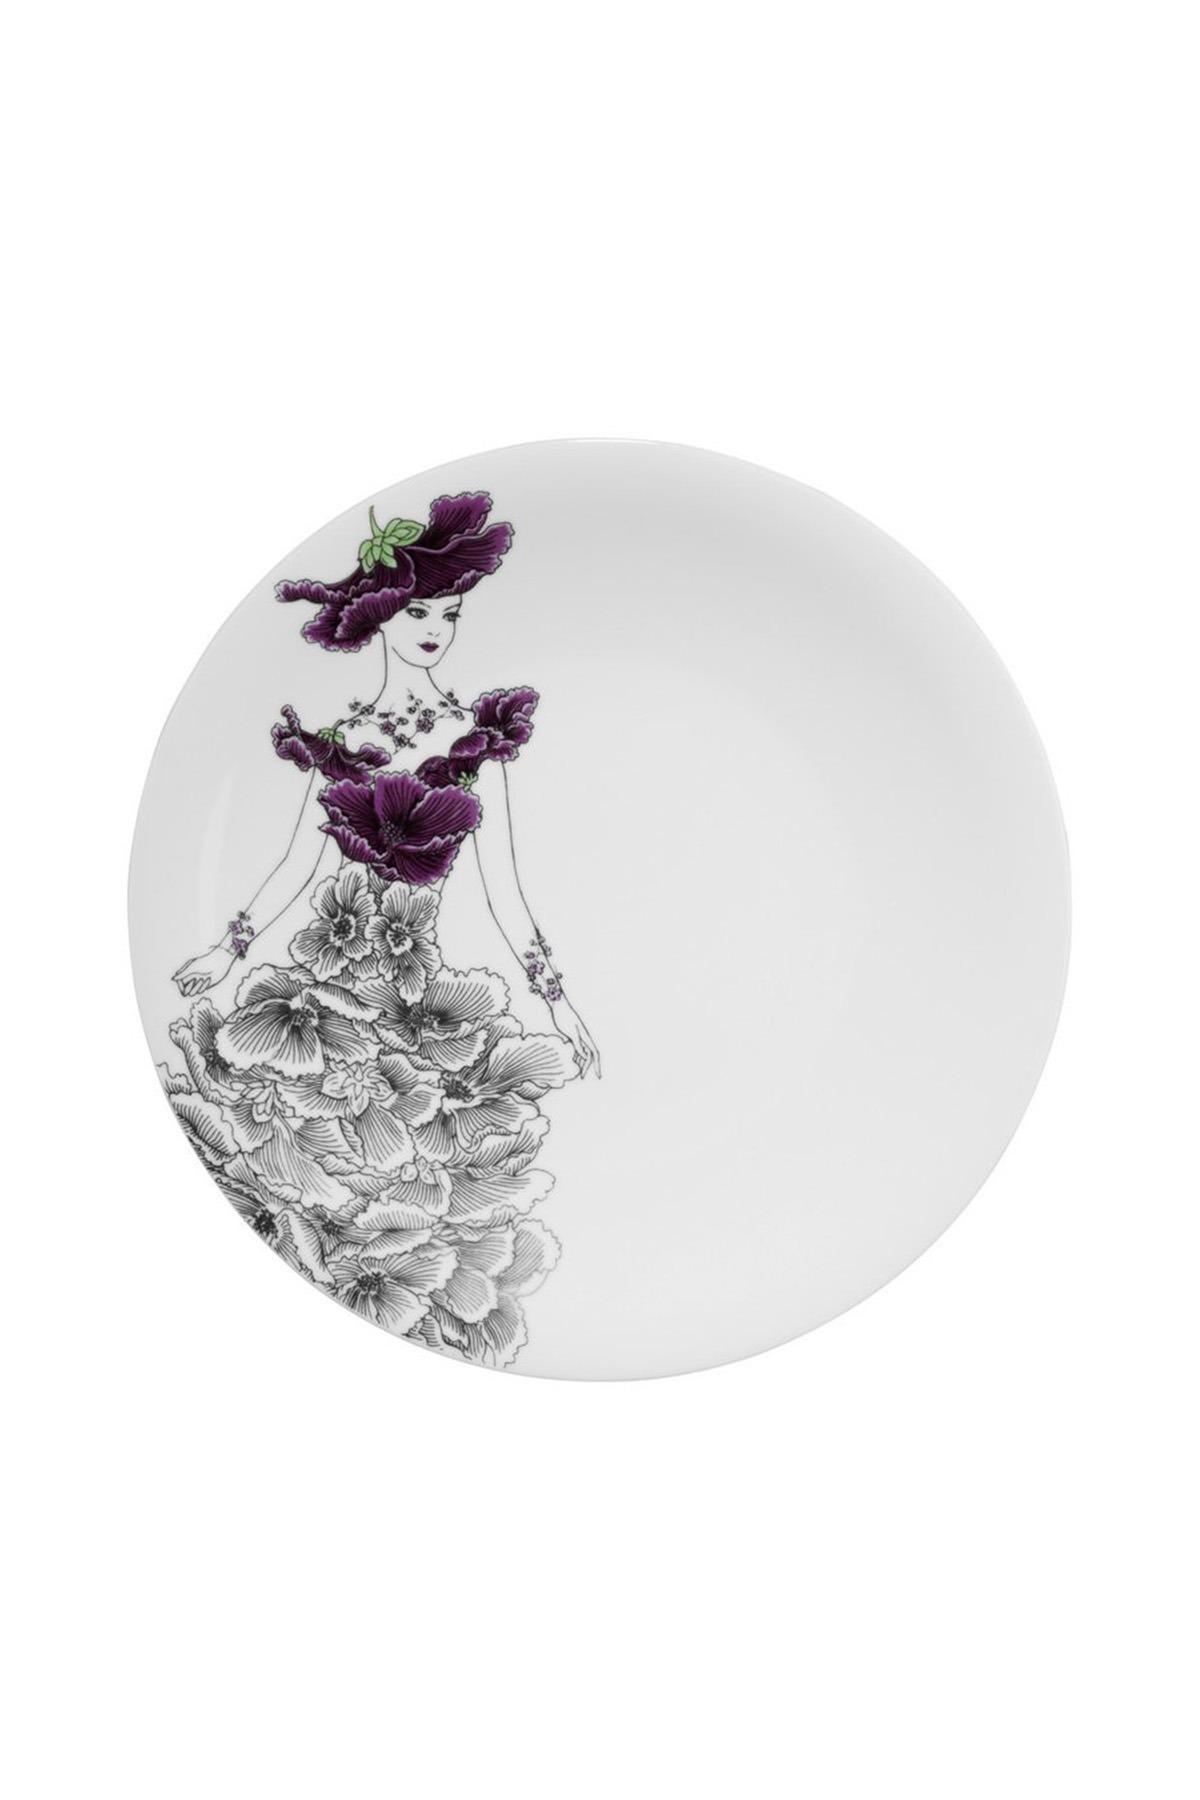 Kütahya Porselen - Kütahya Porselen Kadınlarım Serisi 9433 Desen Servis Tabağı